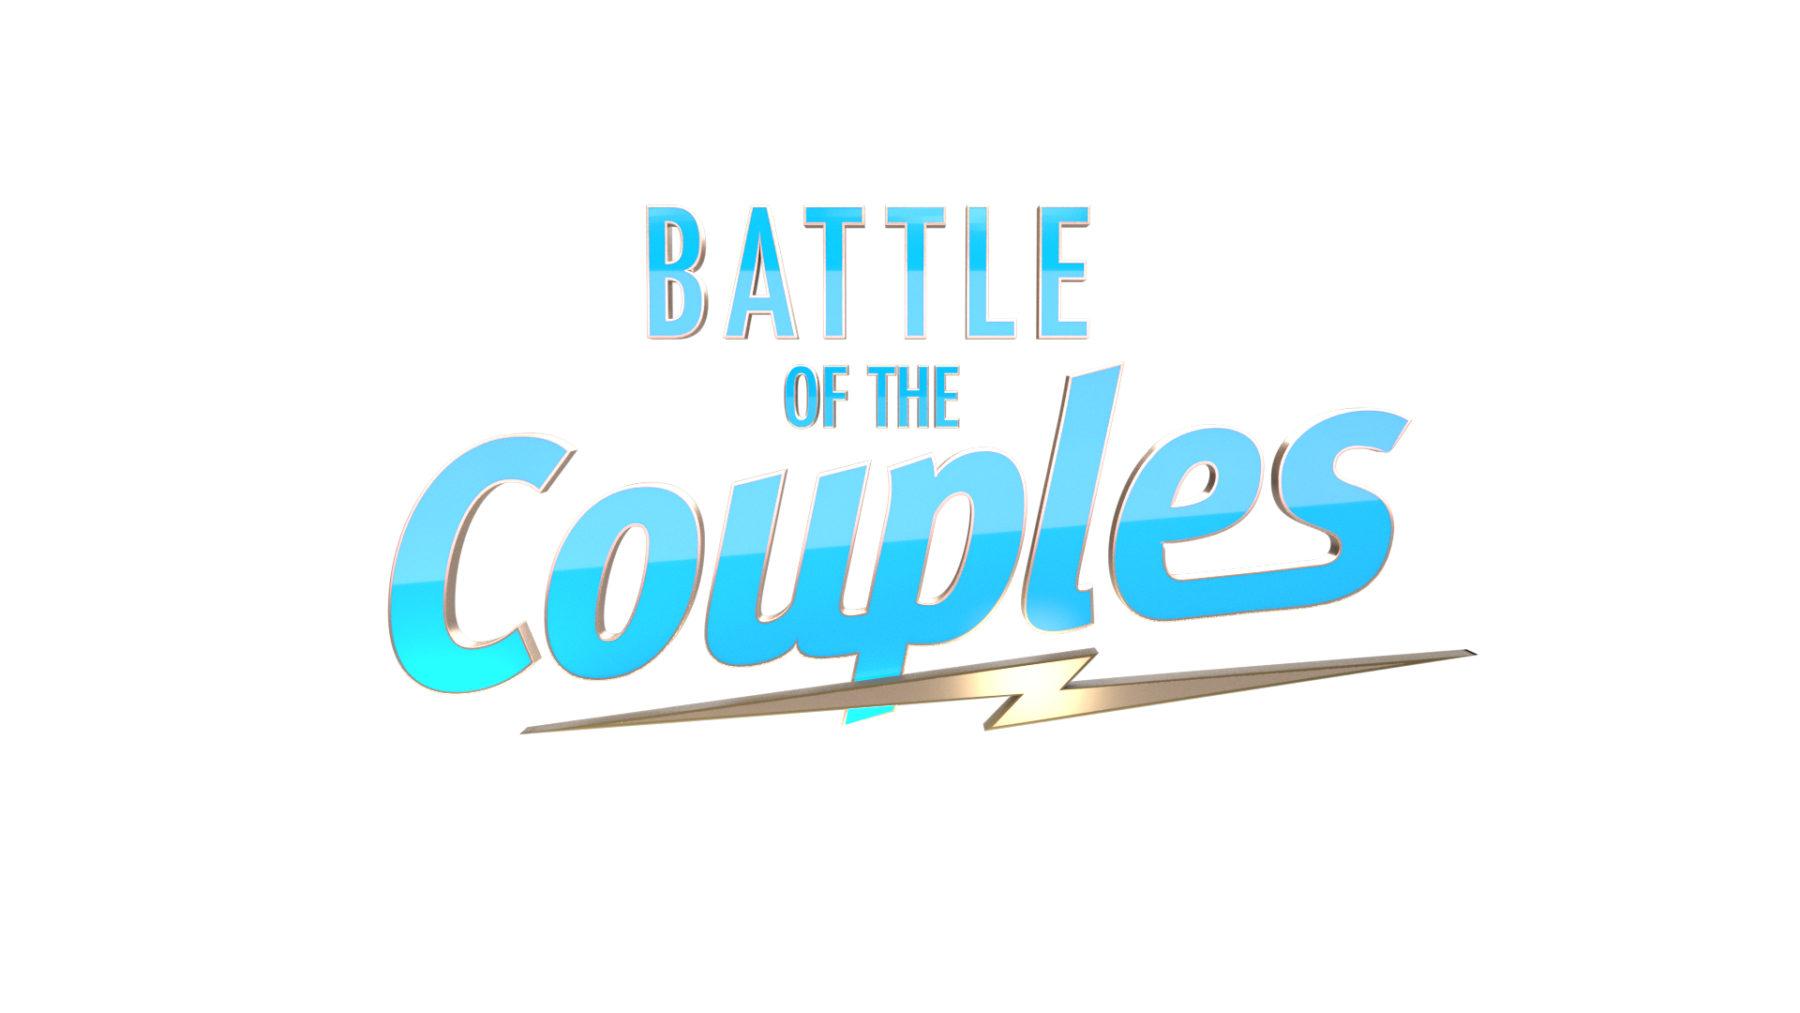 Από την πρόταση γάμου στο The Voice, στο Battle of the couples! Το ζευγάρι που ξεχωρίζει